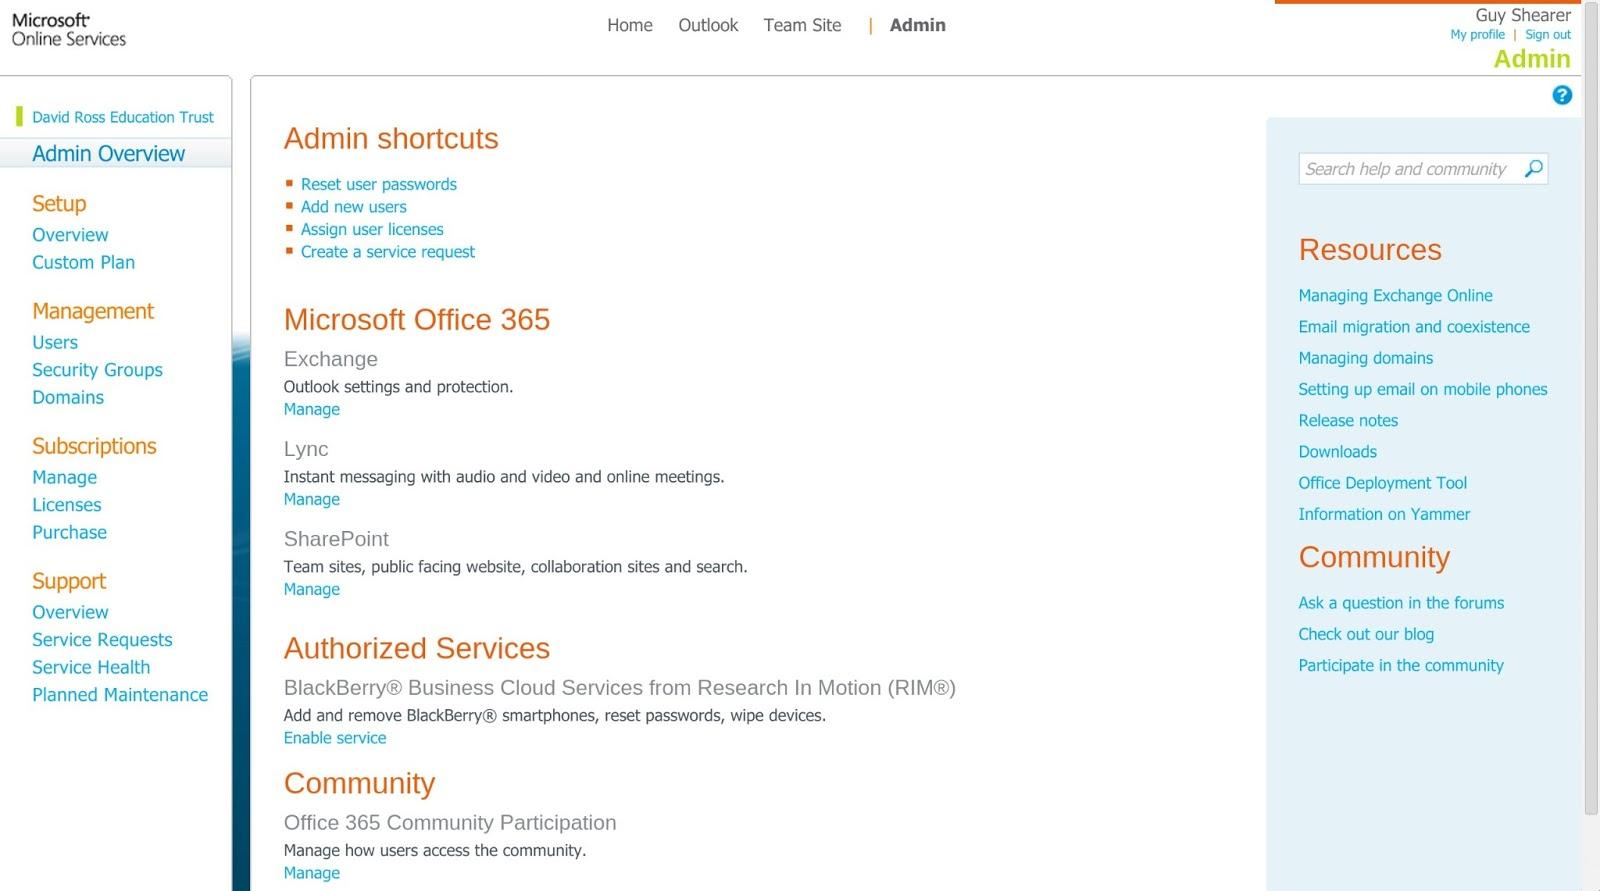 ChromeStead: Can you use a Chromebook on Office 365?